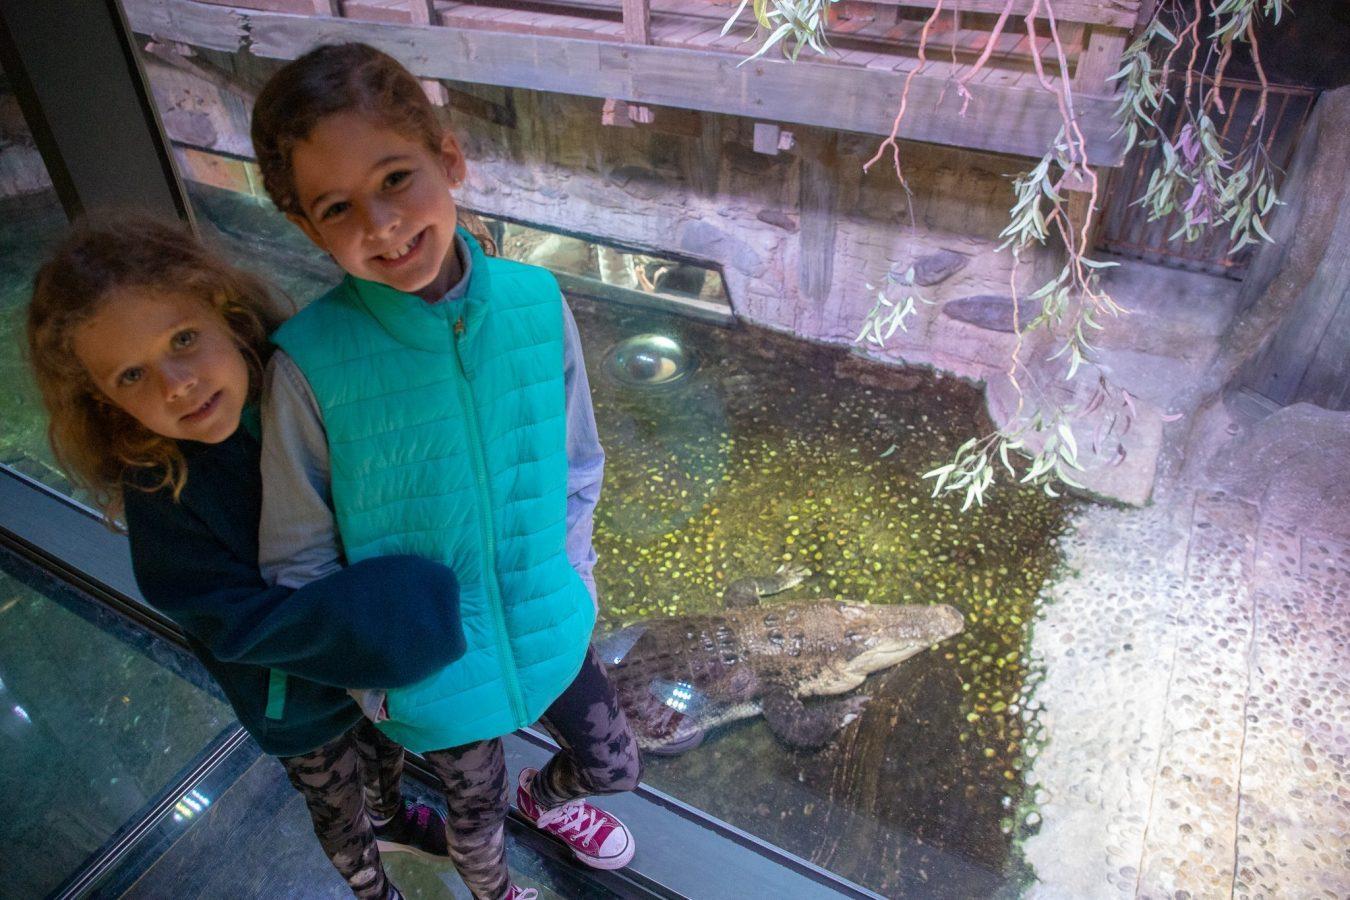 Standing over the croc in the Aquarium